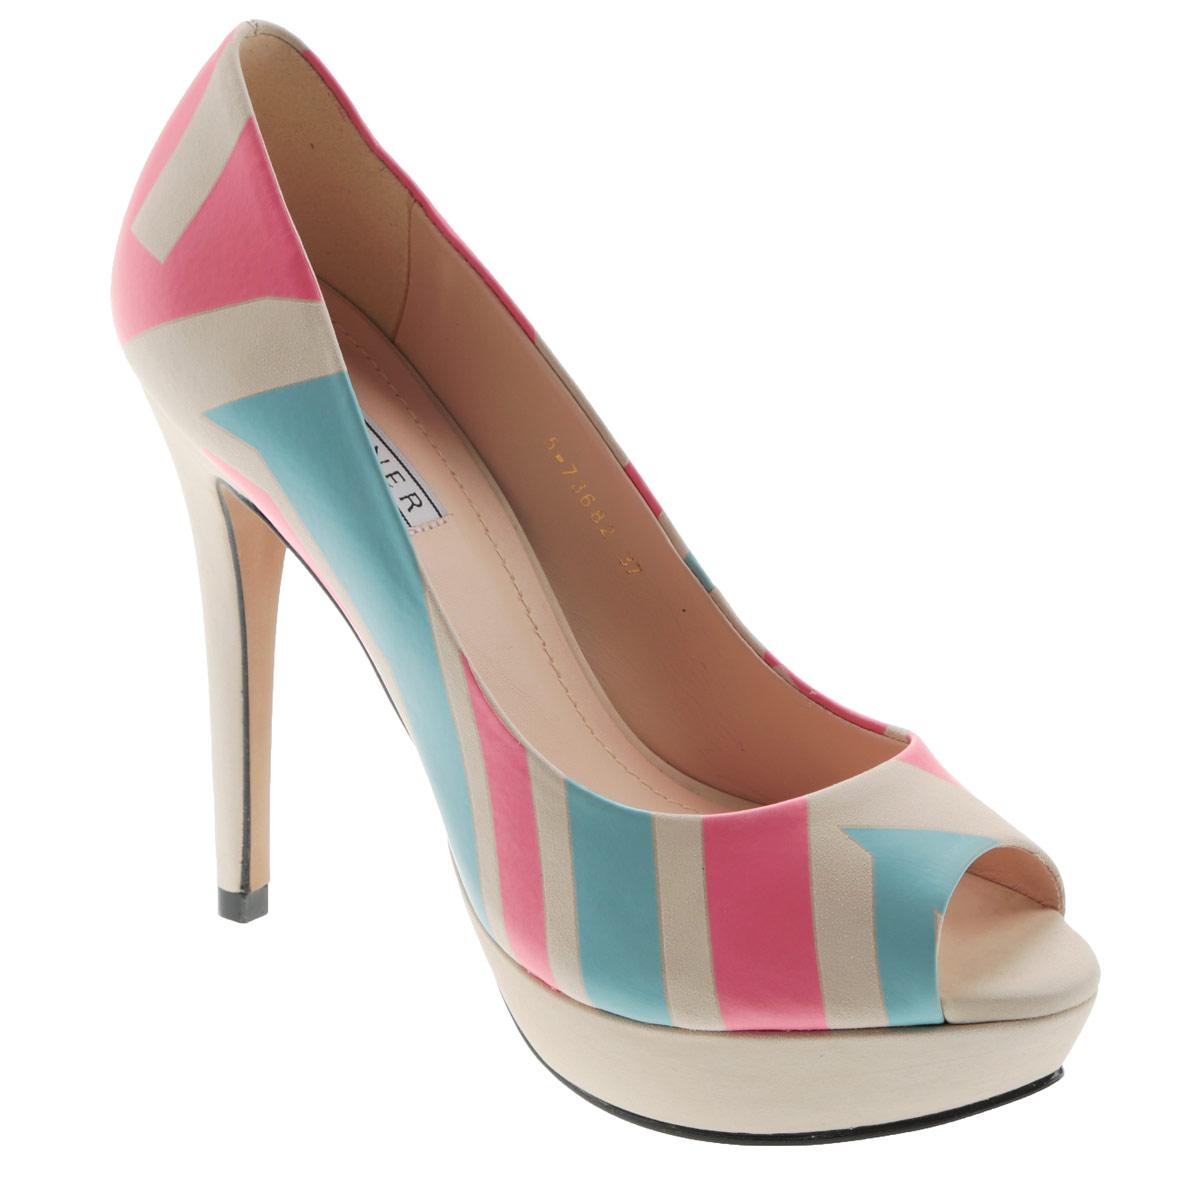 Туфли женские Werner, цвет: светло-бежевый, розовый, голубой. 5-73682. Размер 37 (38)5-73682Женские туфли на шпильке от Werner прекрасно подчеркнут ваш стиль. Верх модели выполнен из натурального нубука и оформлен ярким принтом. Внутренняя часть и стелька из натуральной кожи гарантируют комфорт и удобство при ходьбе. Открытый носок смотрится невероятно женственно. Высокий каблук подчеркнет красоту и стройность ваших ног. Высоту каблука компенсирует платформа.Подошва выполнена из прочного полимера с противоскользящим рифлением. Такие туфли станут прекрасным дополнением вашего гардероба. Они сделают вас ярче и подчеркнут вашу индивидуальность!